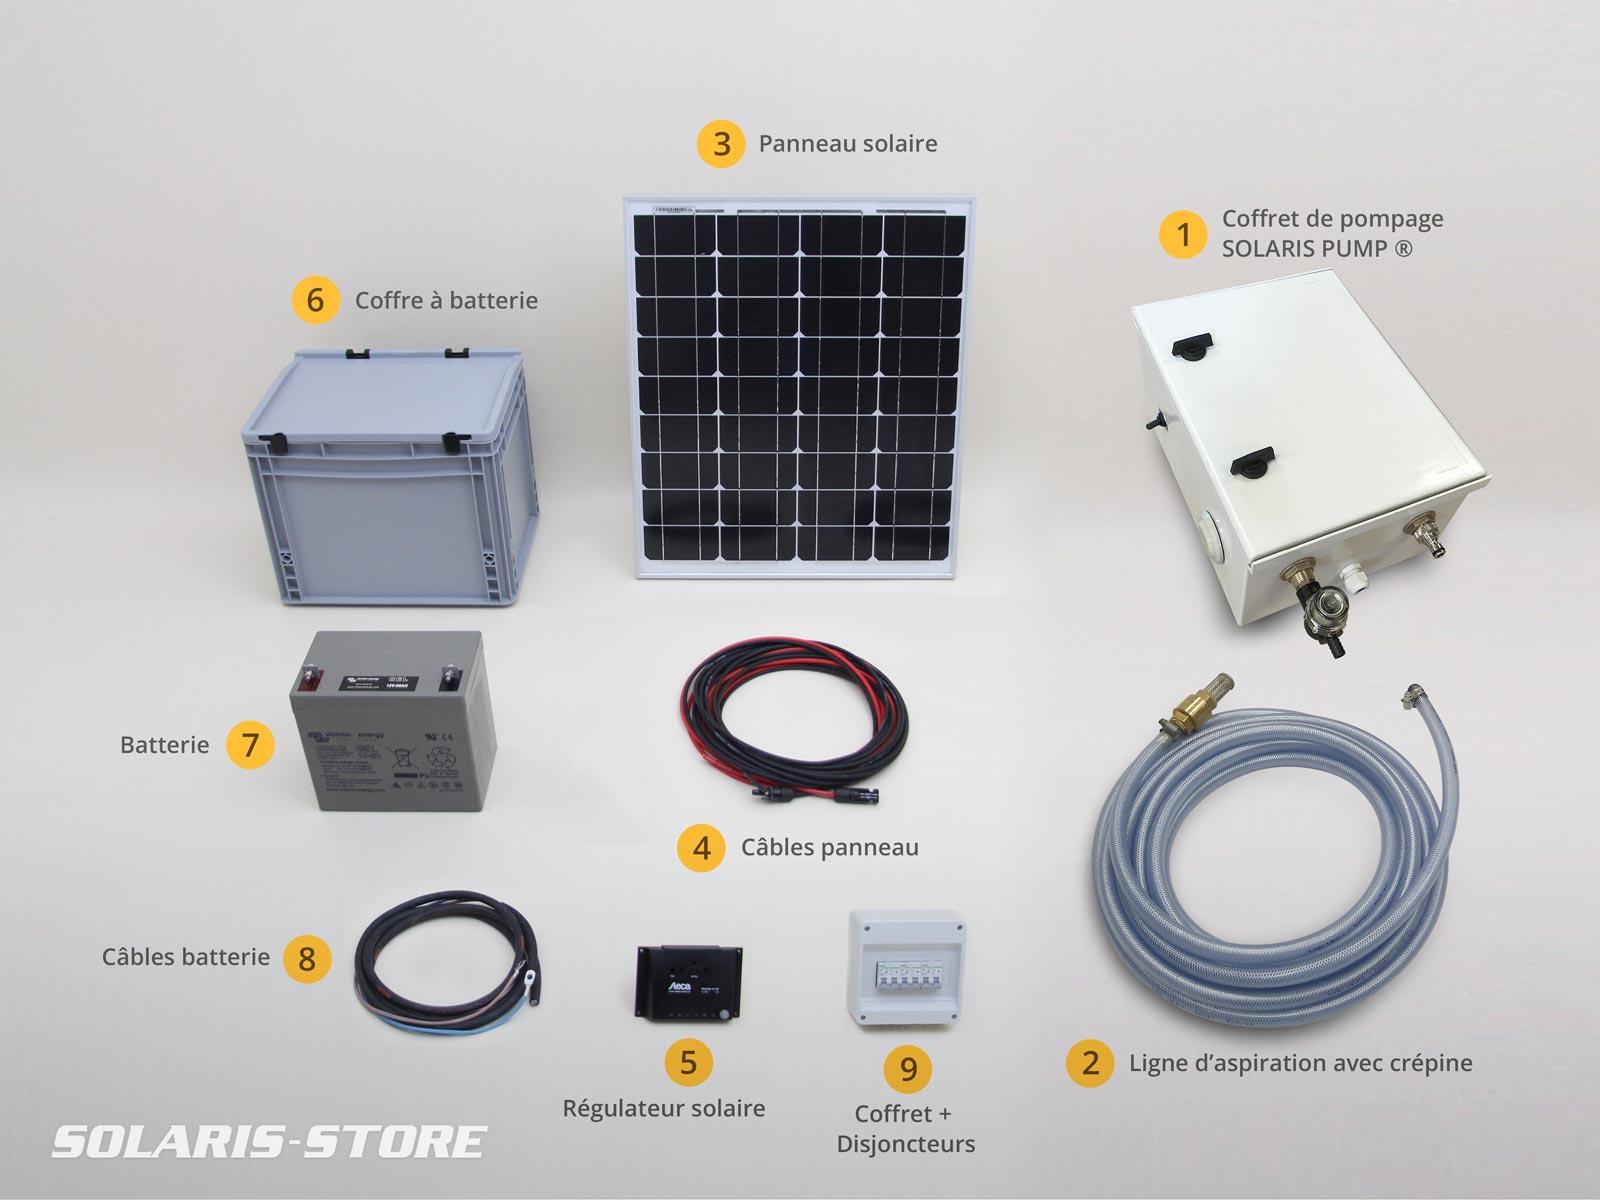 Kit d'arrosage, pompage et lavage à panneau solaire autonome, équipé d'une pompe SHURFLO ® 19 L/min - 4.5 bars